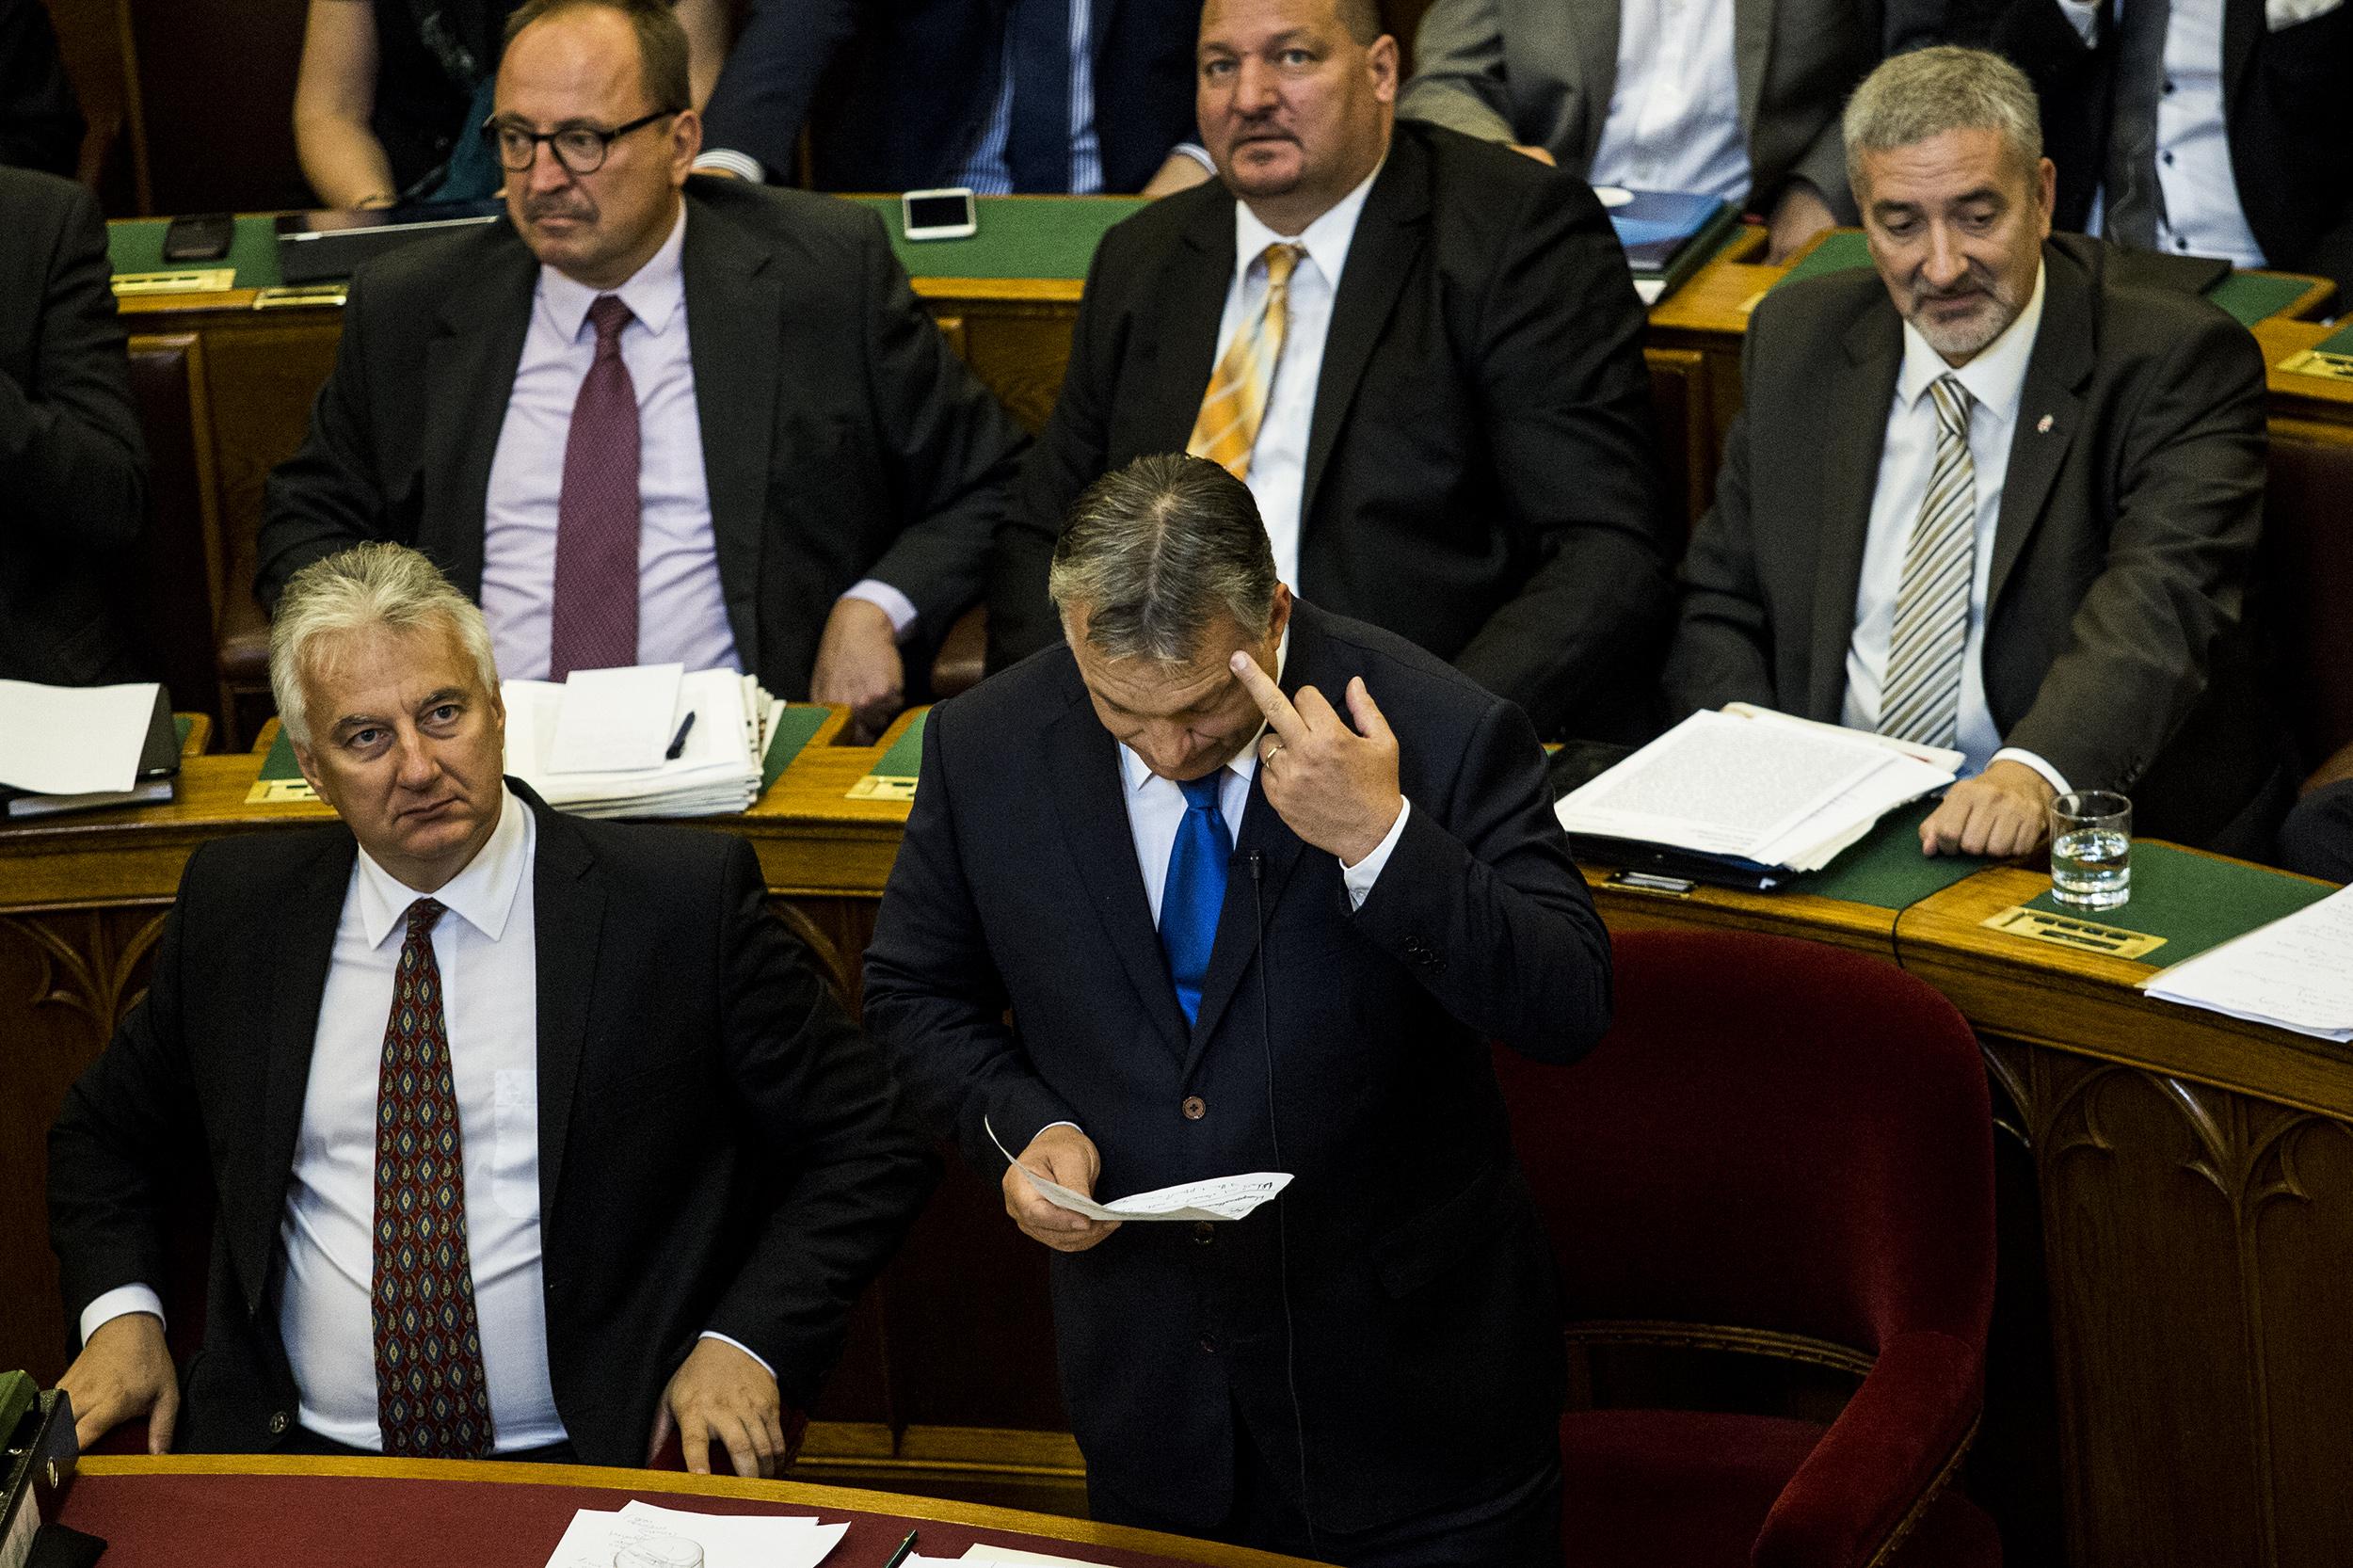 Ilyen az, amikor üzembe helyezi magát a nagy visszavágások mestere, az Orbán-kormány